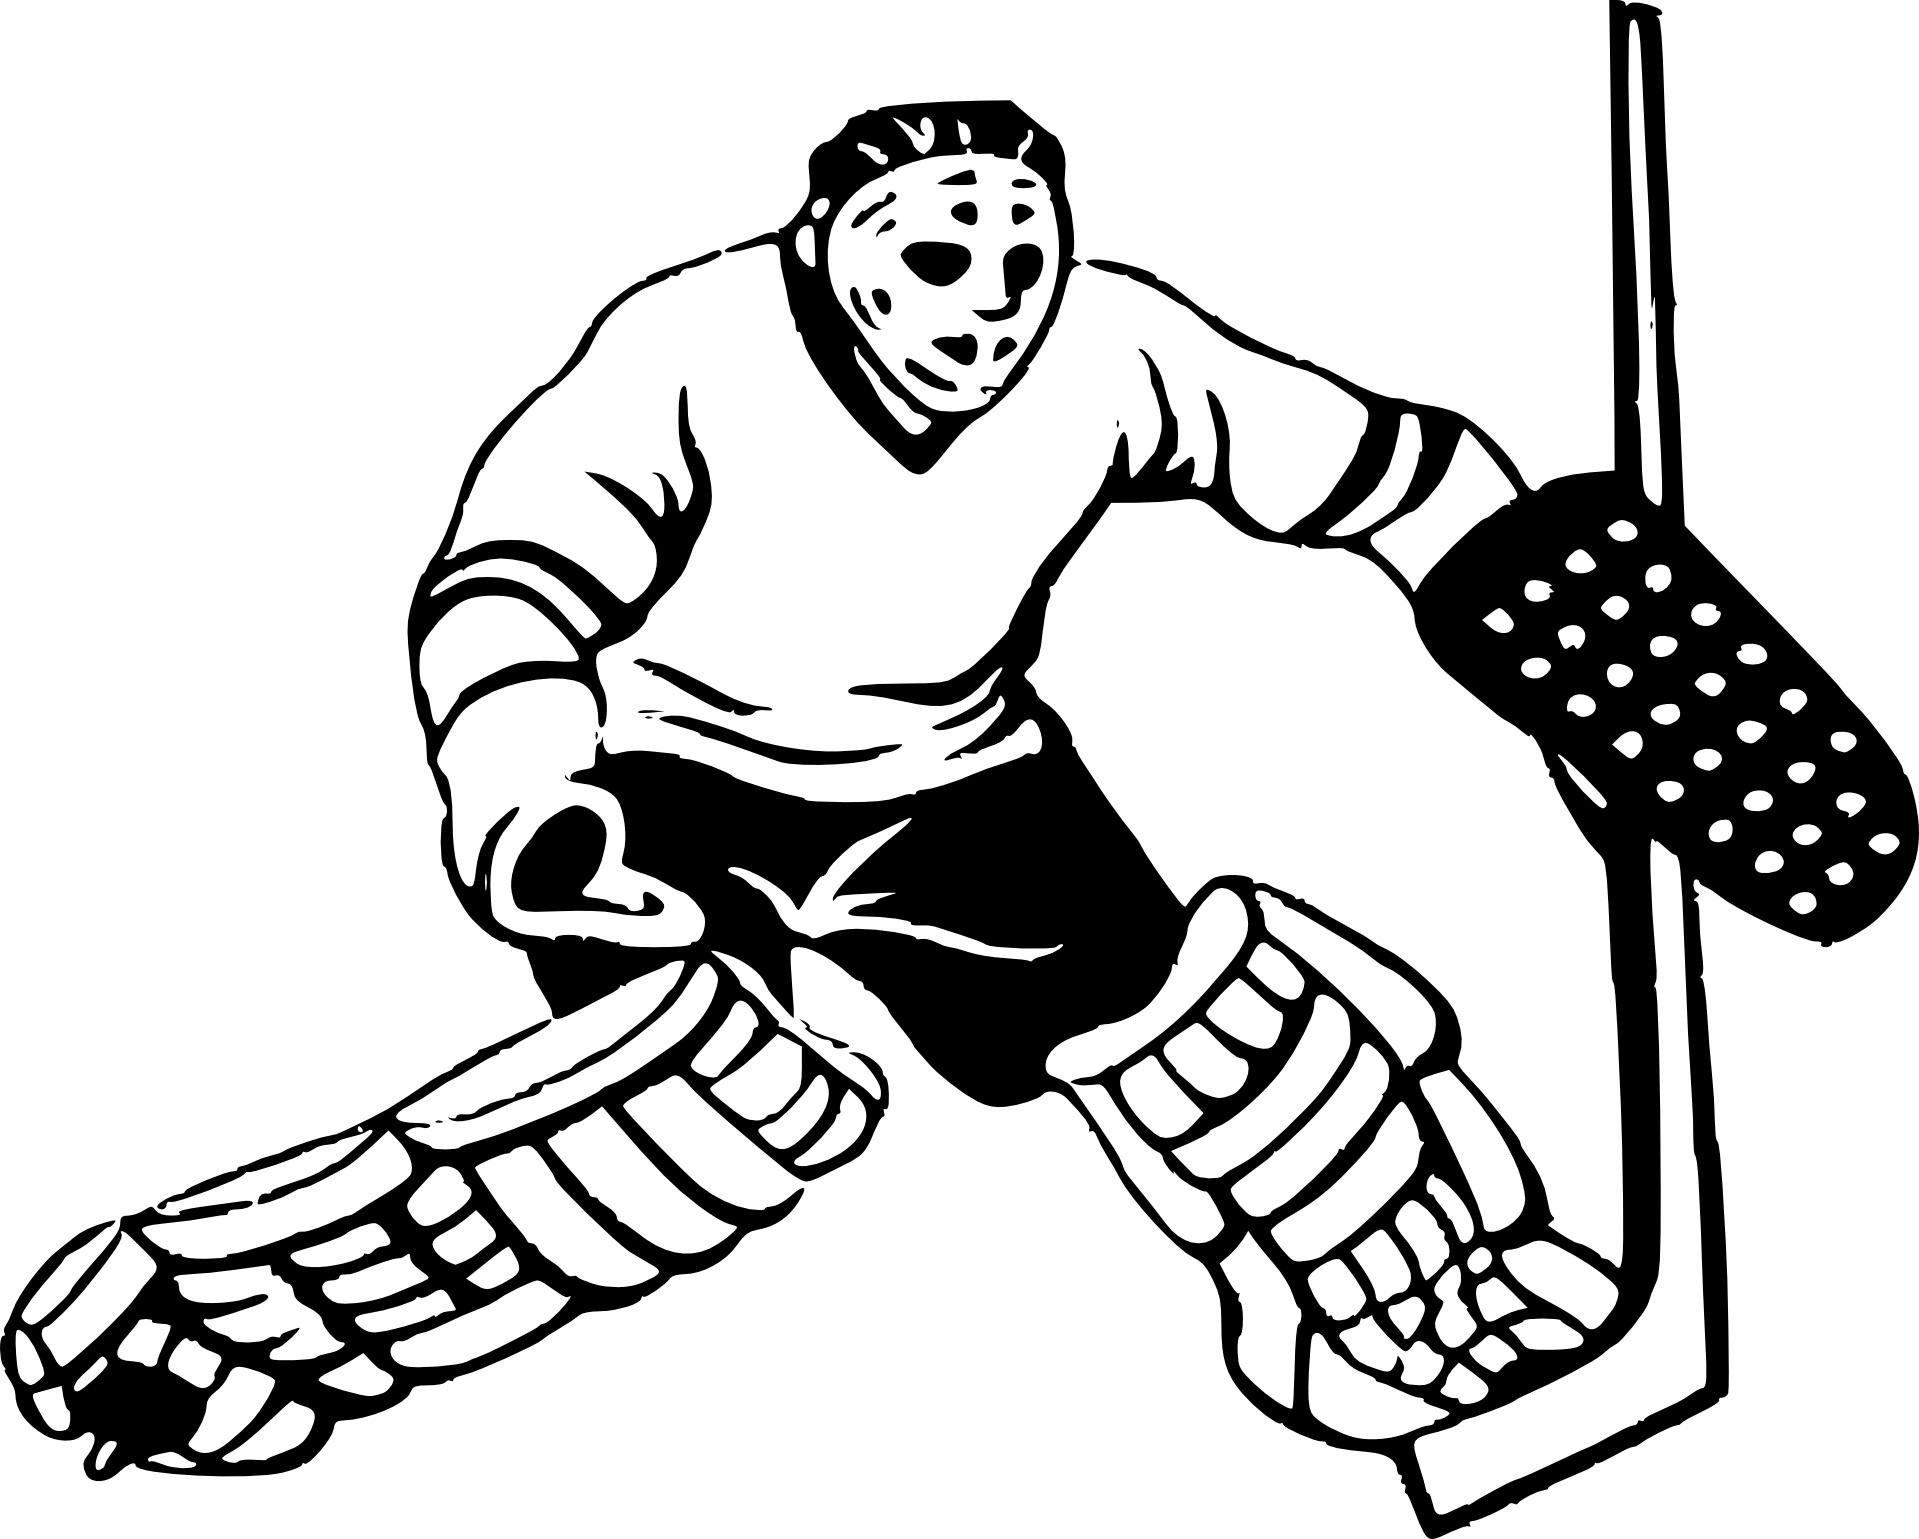 Coloriage Joueur De Hockey A Imprimer Sur Coloriages Info